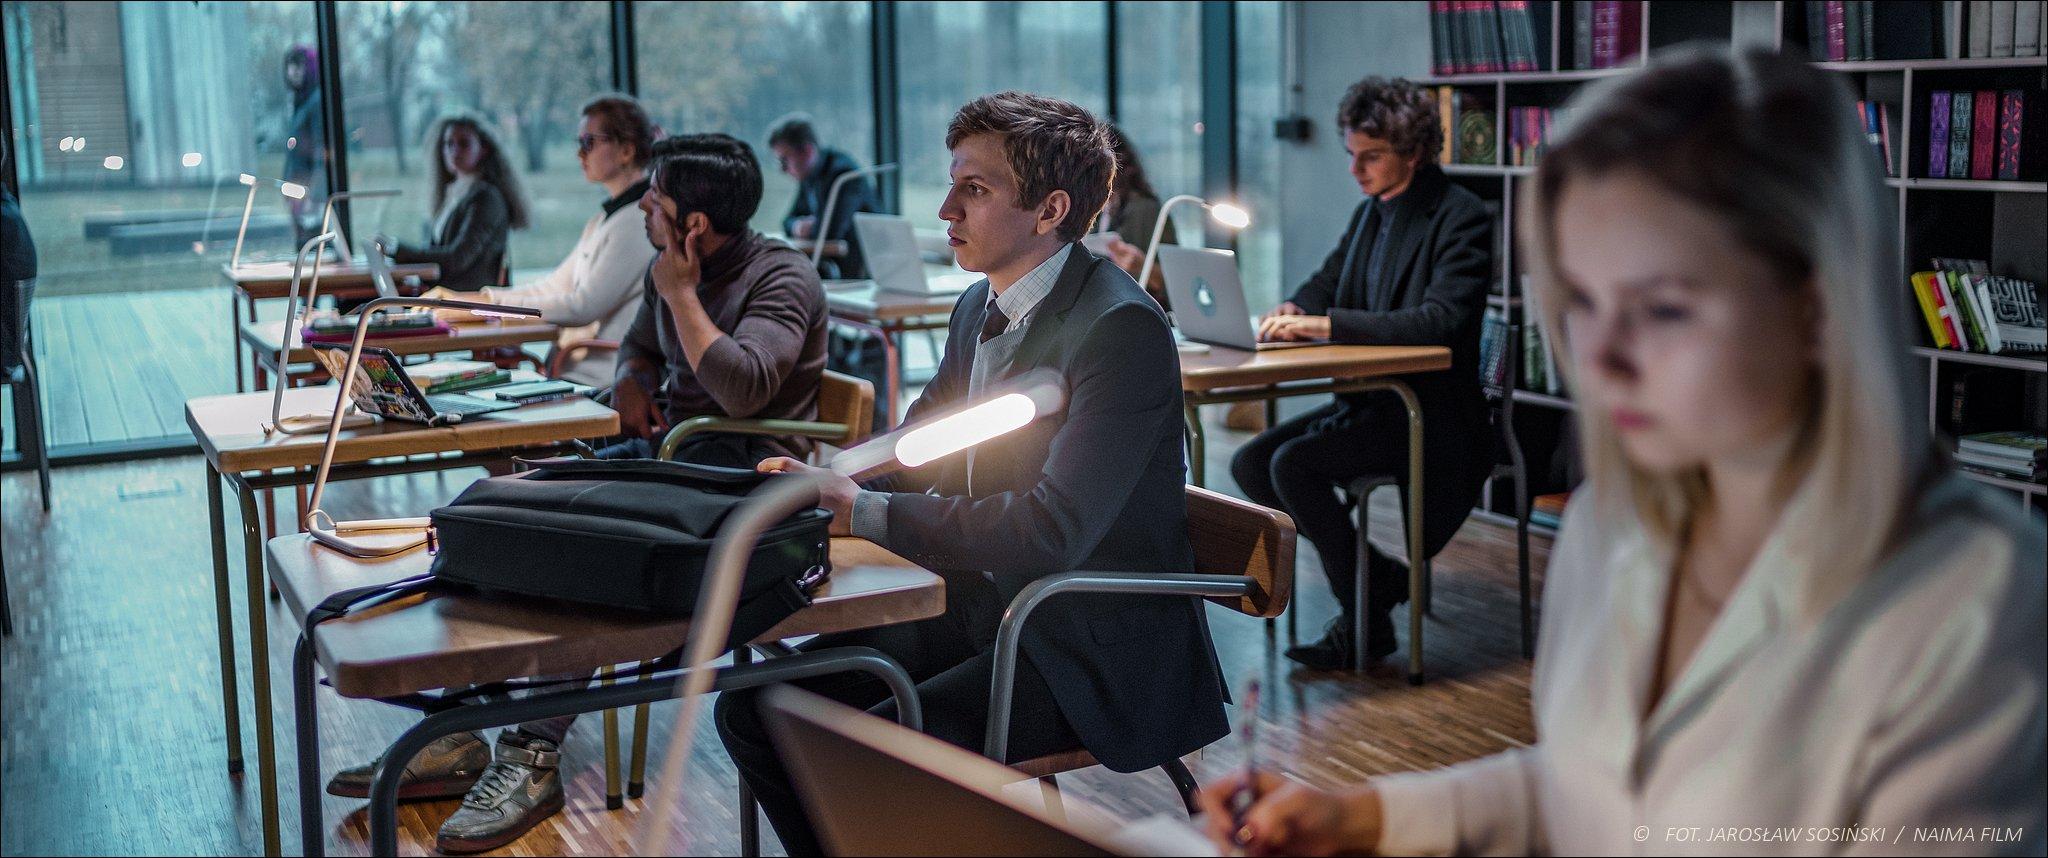 """Magdalena Widuch i Roland Lewiński o Sali Samobójców. Hejter: Głównym źródłem inspiracji było hasło """"niepokój"""" [WYWIAD]"""